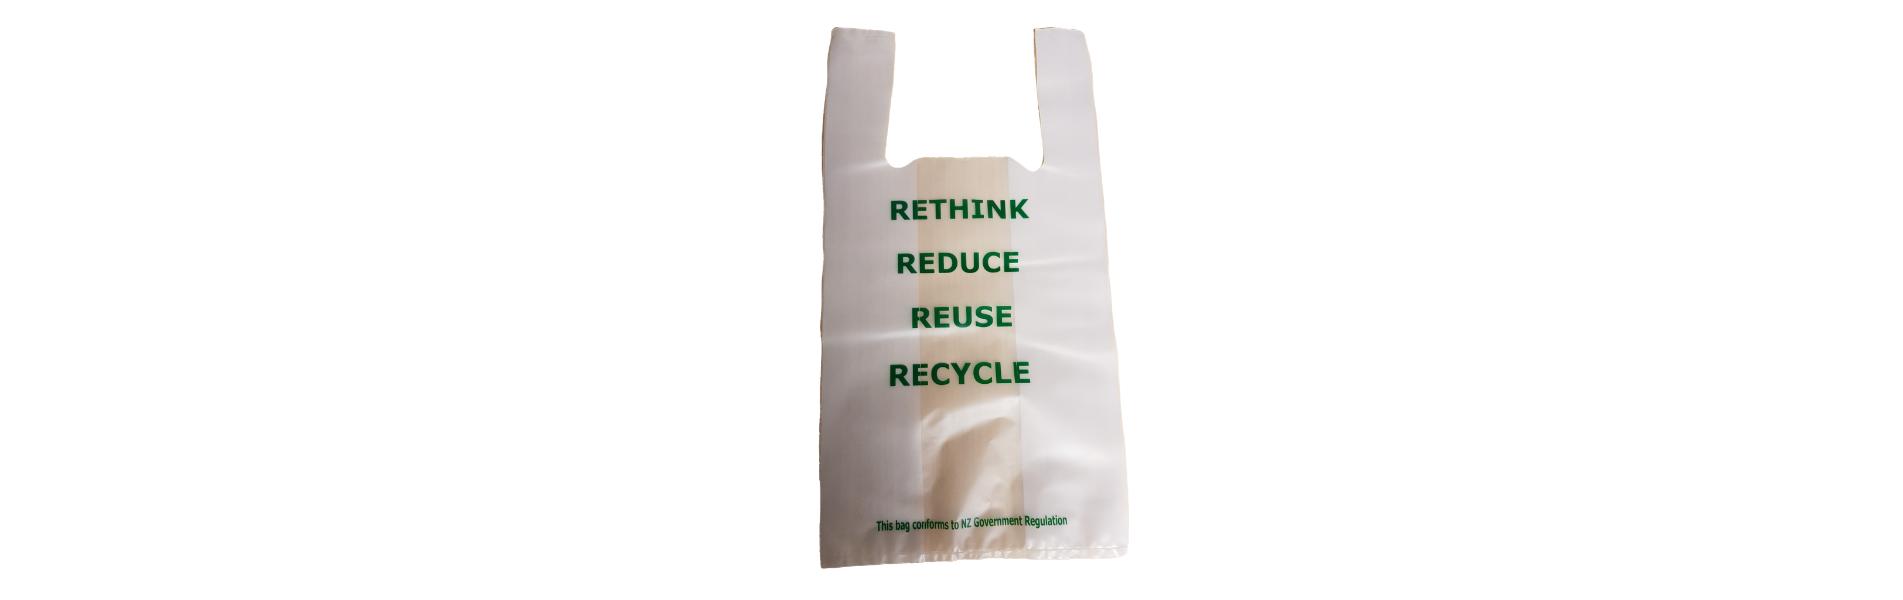 Singlet Bags - Meets NZ Govt Regulations